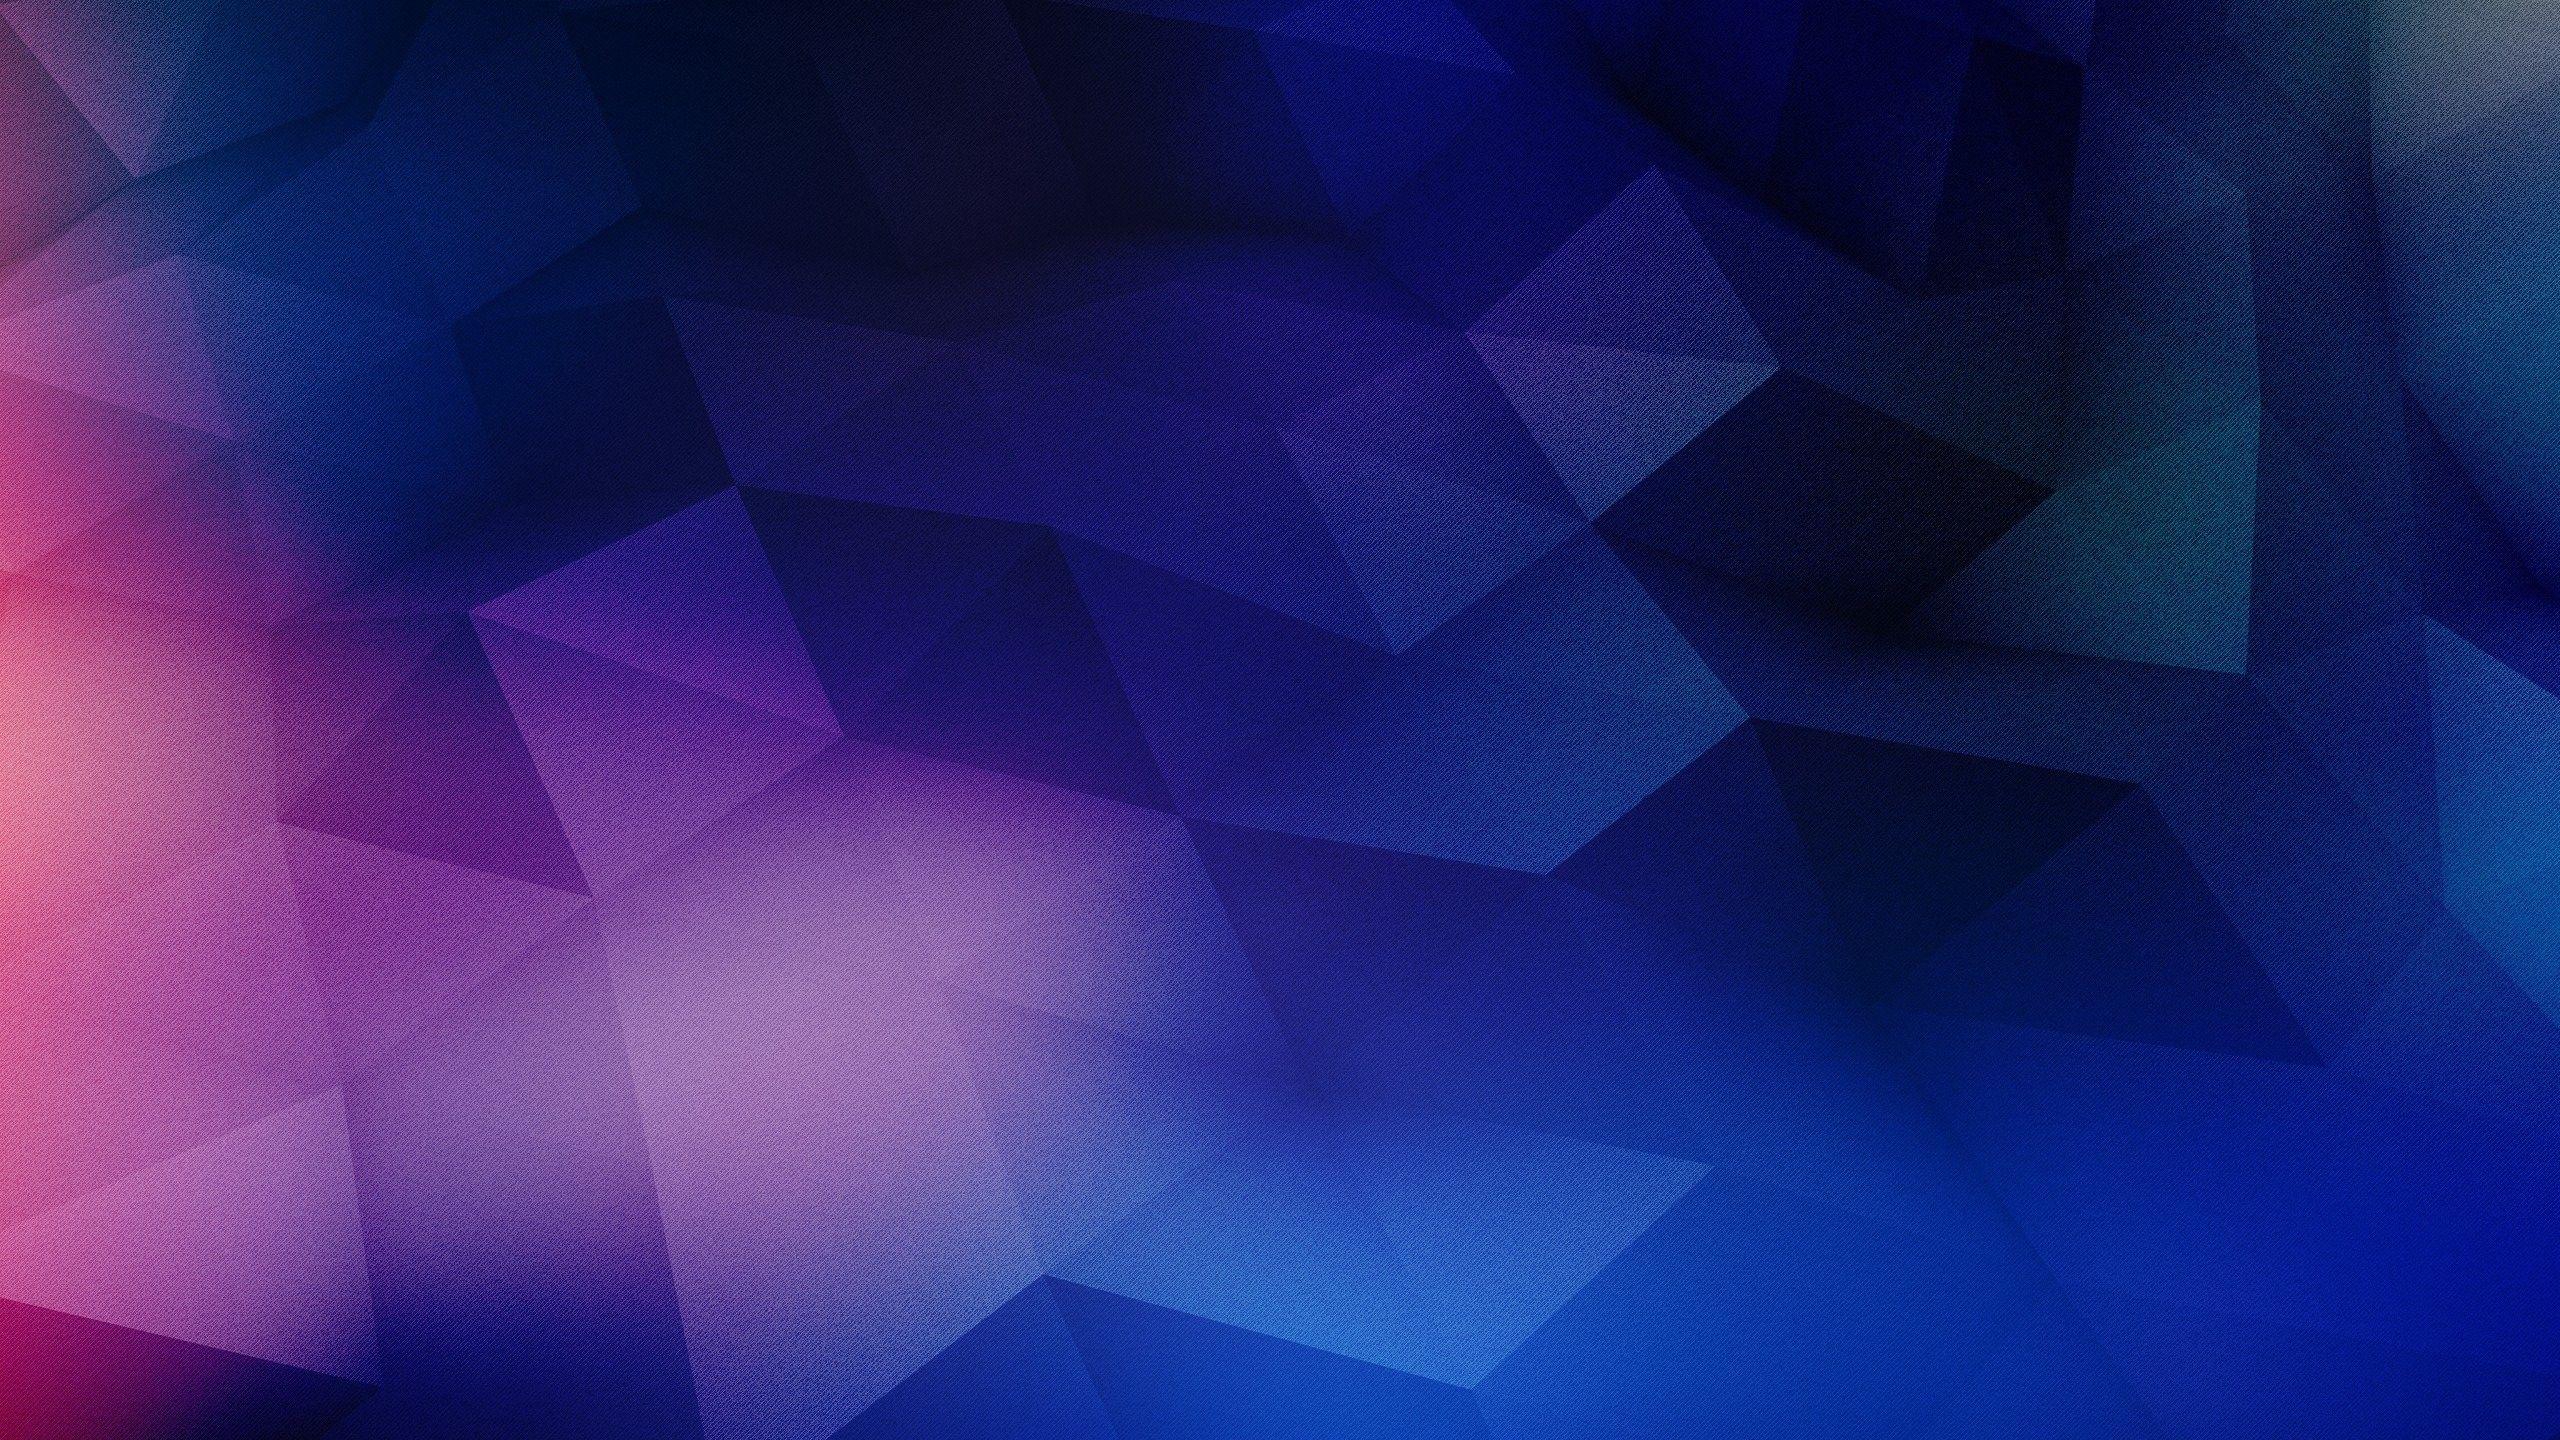 Image Result For Website Background Design Abstract Wallpaper Abstract Abstract Wallpaper Design